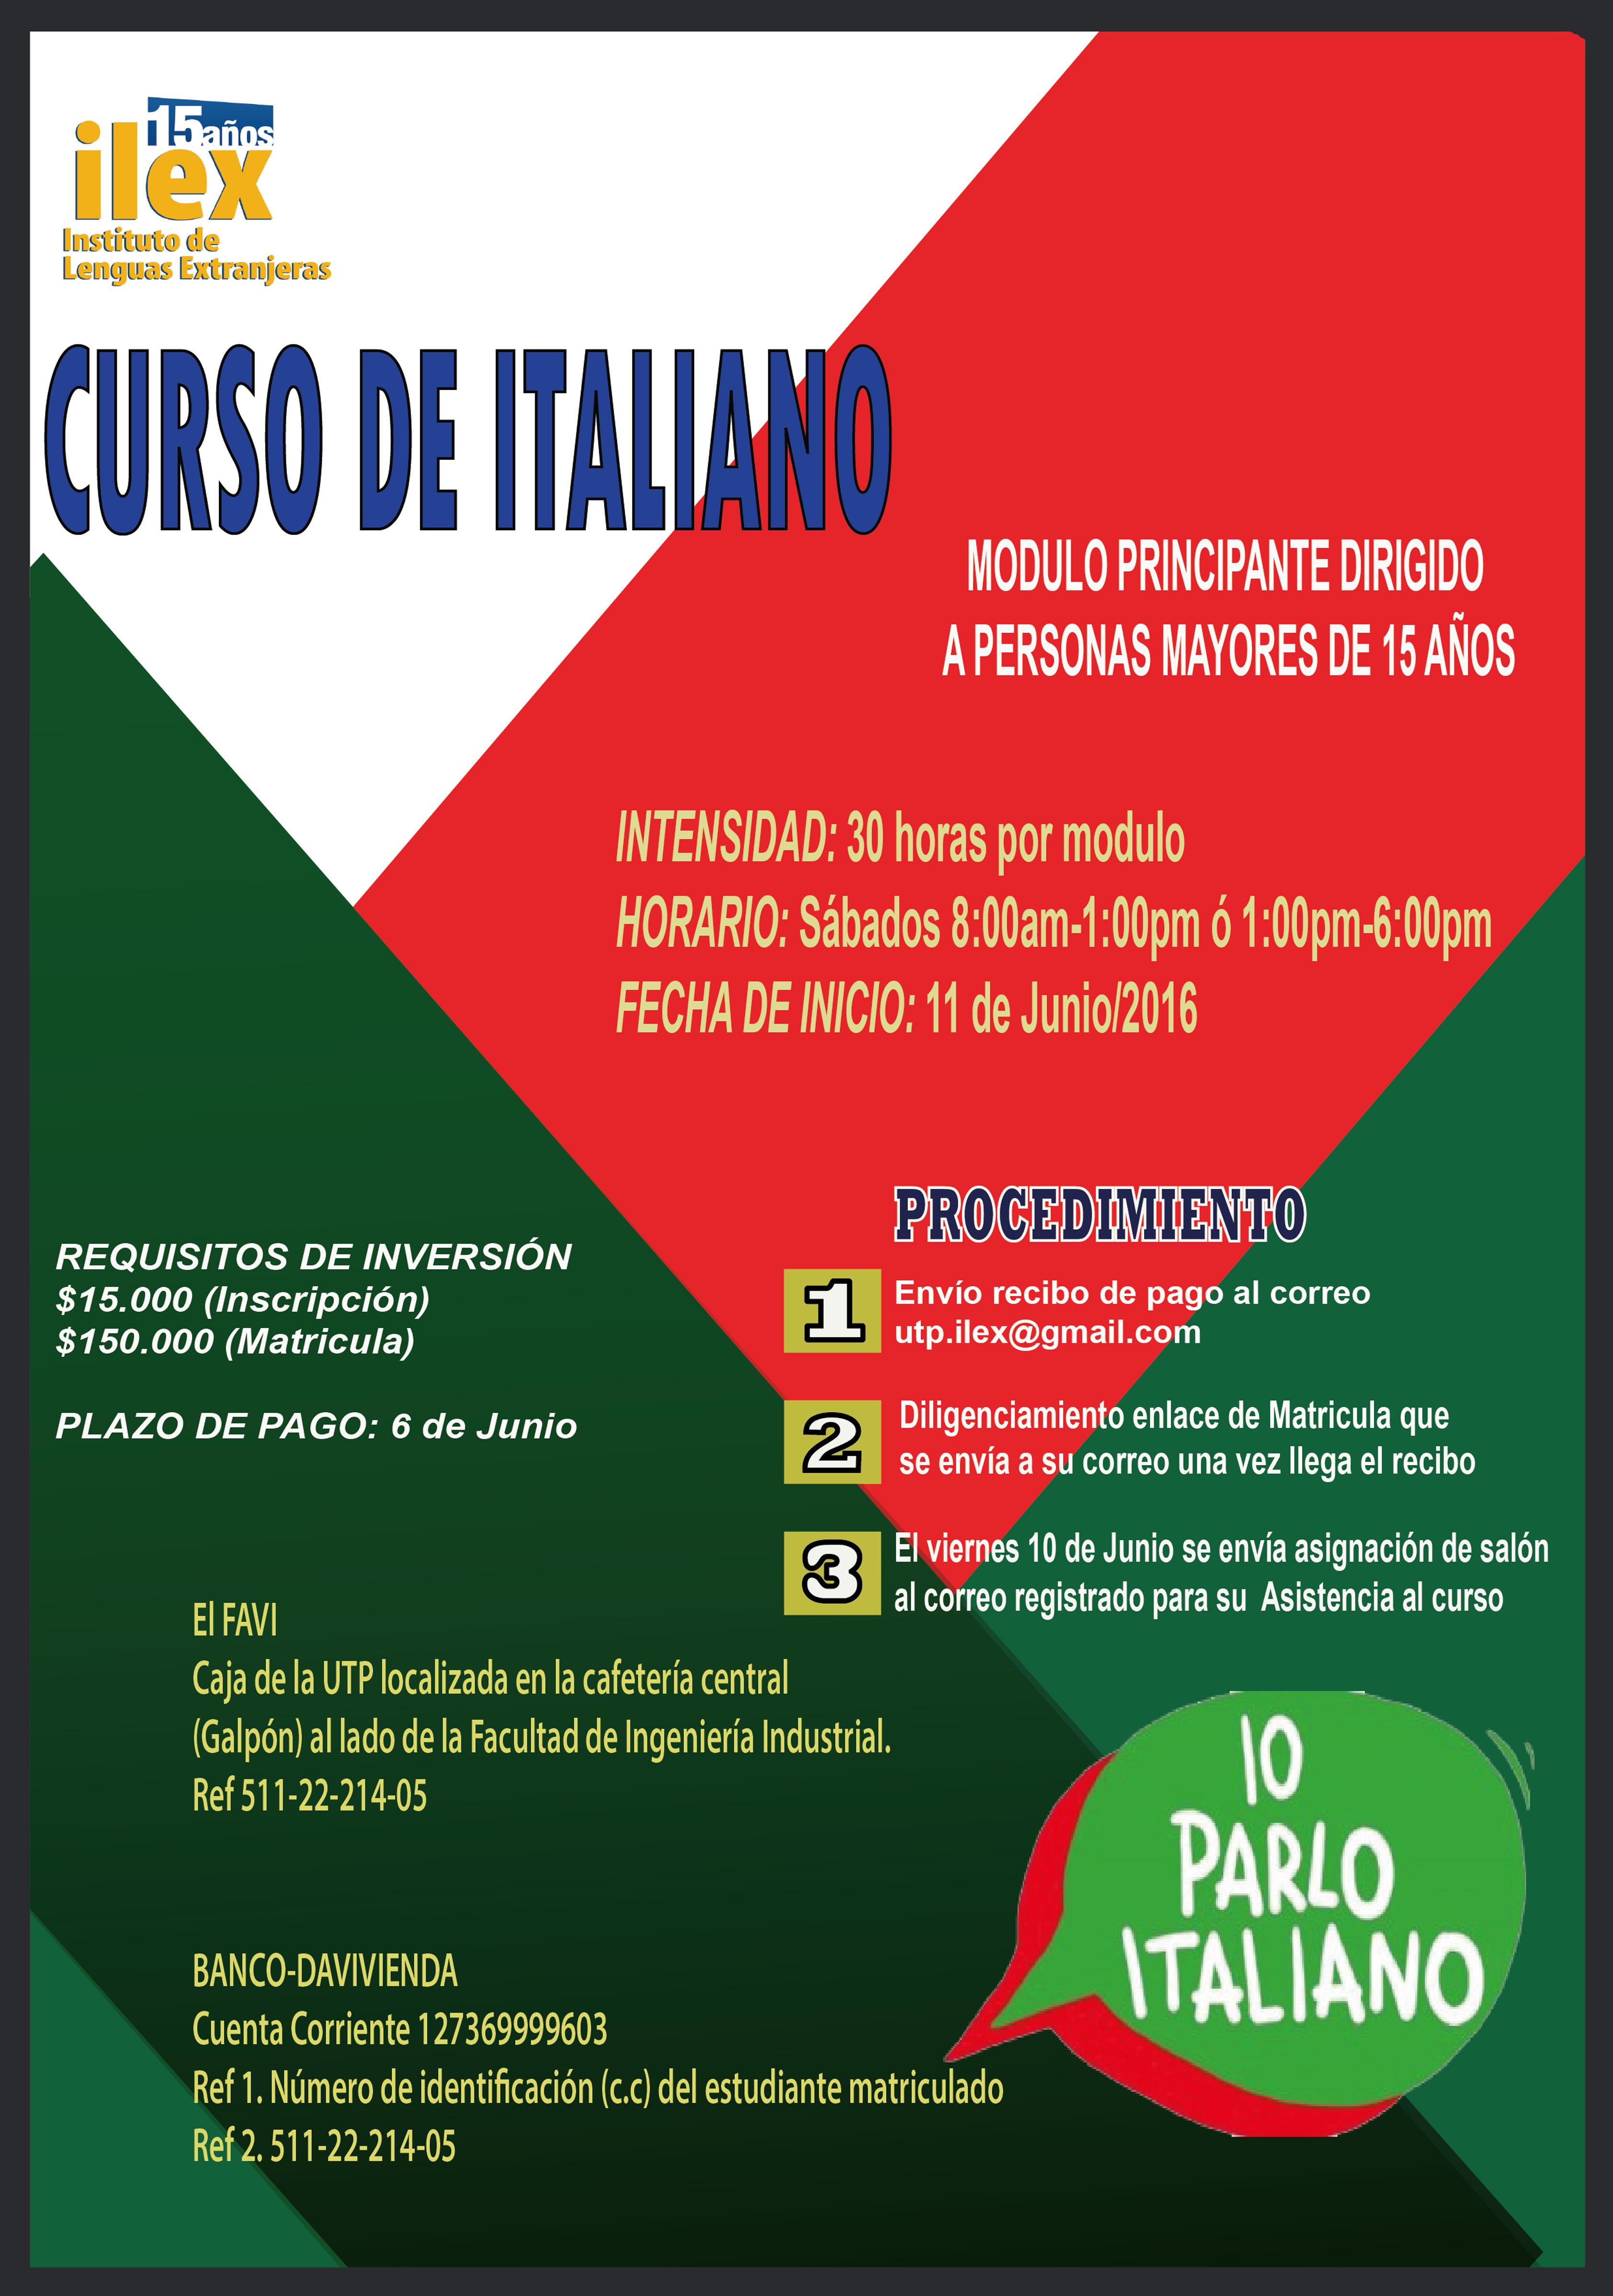 seduzione pnl corso de italiano